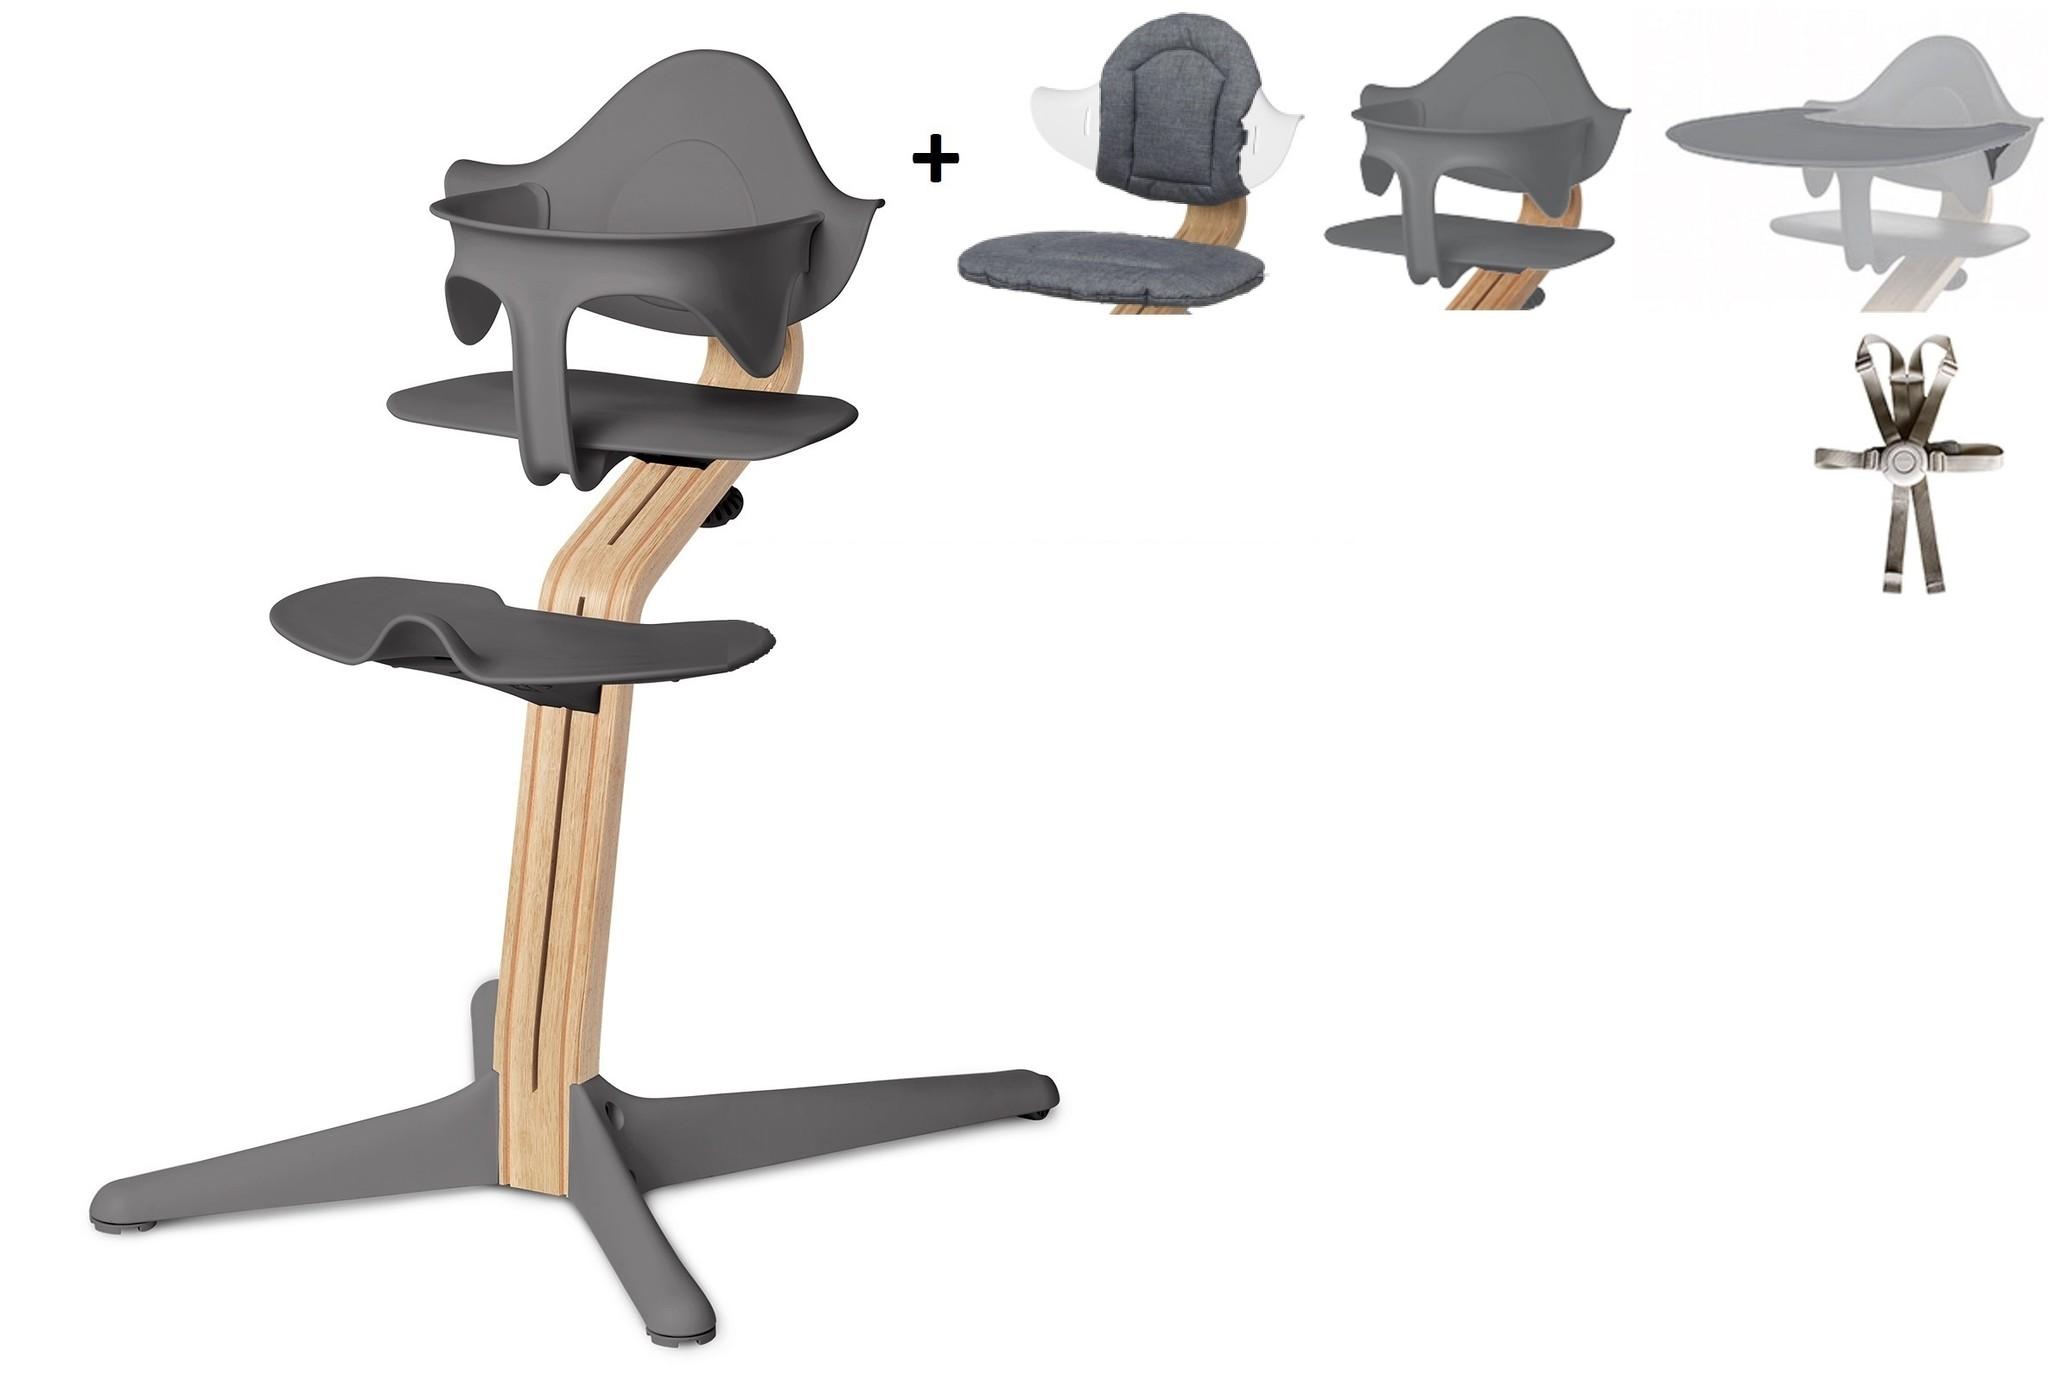 Nomi NOMI highchair Ideale set vanaf 6 maanden Basis eiken wit oiled en stoel grijs